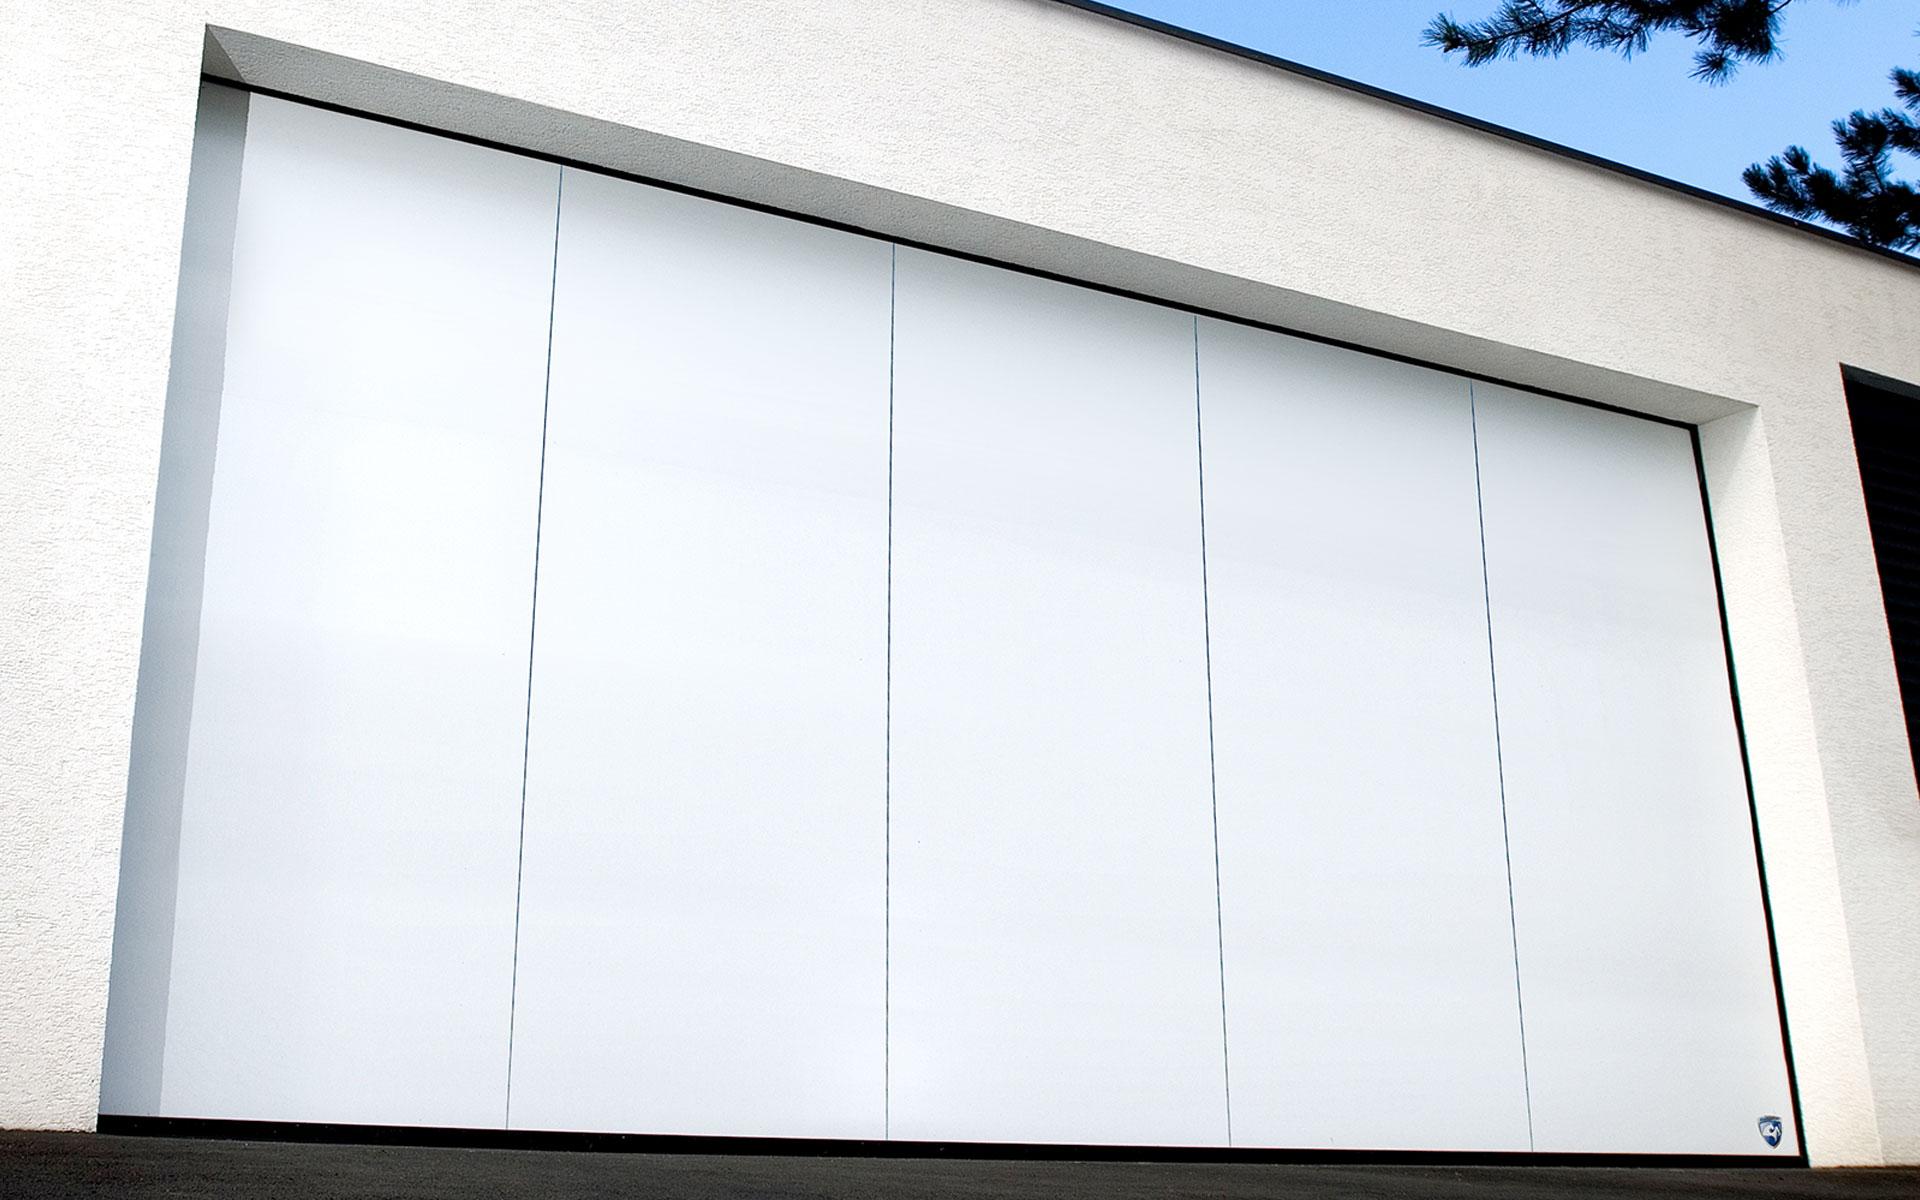 Guttomat – Die Tormanufaktur – Einzigartige Sektionaltore Made in Austria - Titelbild - Das Seitensektionaltor Avalon